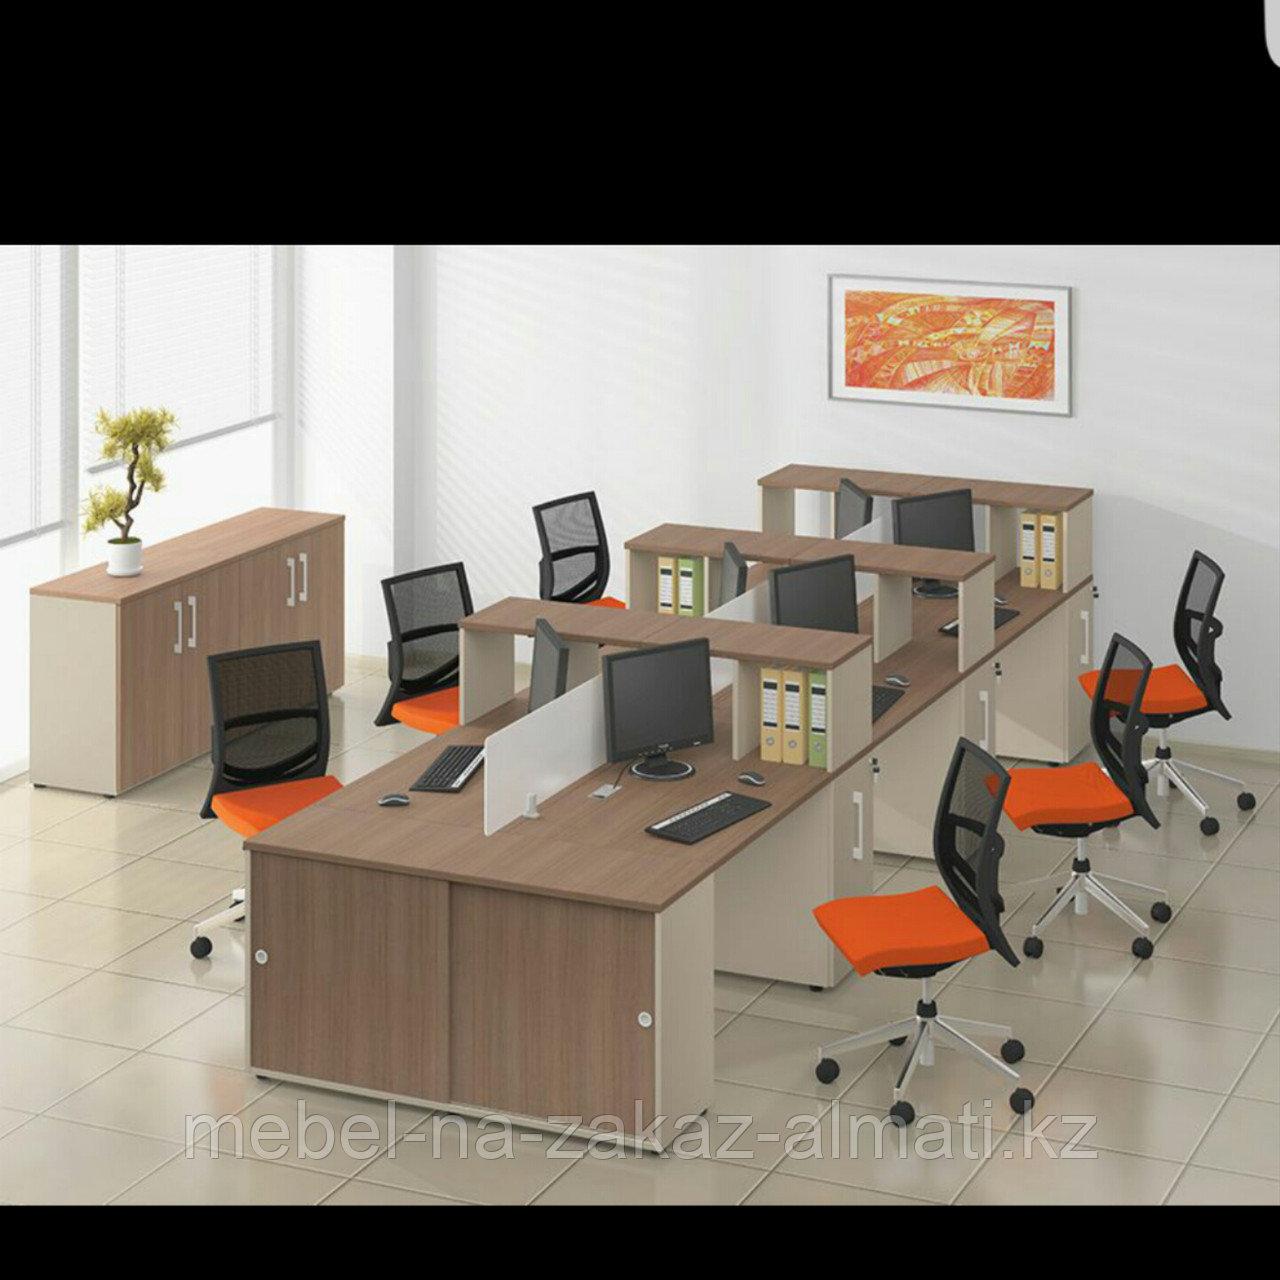 Комплект офисной мебели на заказ в Алматы